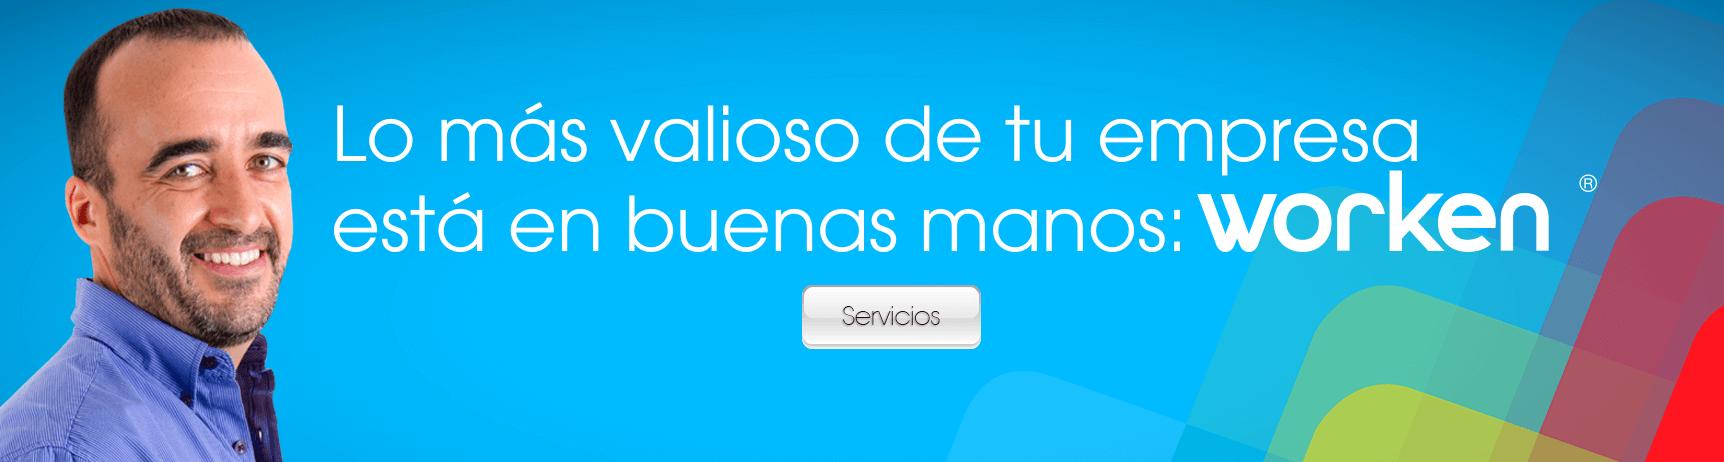 Ver servicios